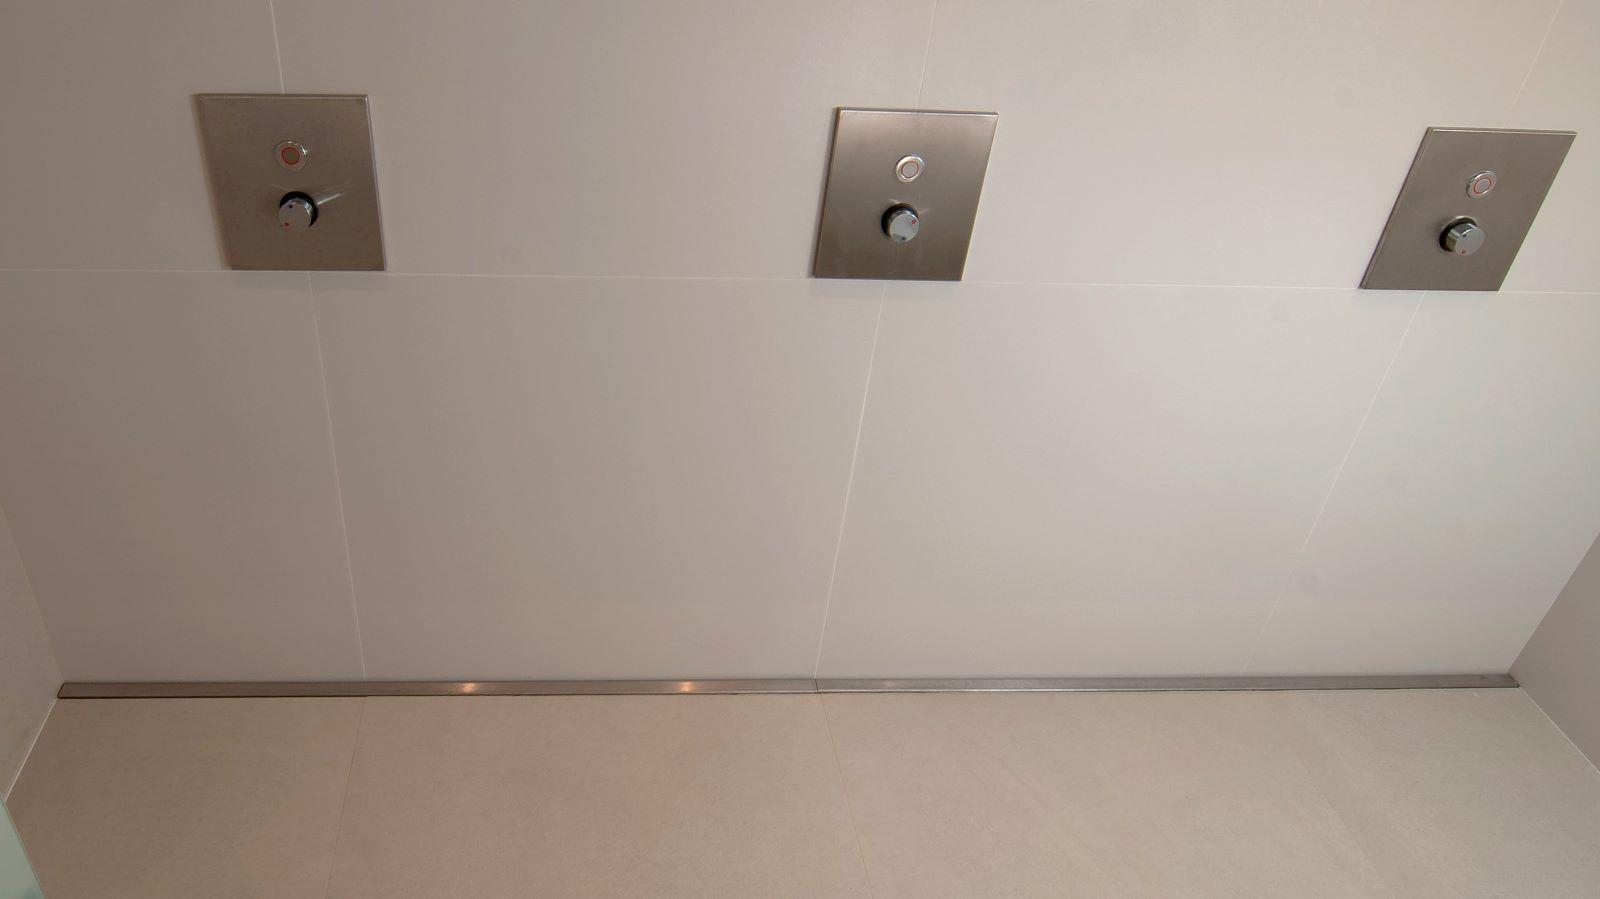 Auf dem foto ist die v4a edelstahl-duschrinne pro in einer reihenduschanlage als wandbuendiger duschablauf eingebaut. Zu sehen ist die extra lange massanfertigung mit der unauffaelligen abdeckung der schmalen duschrinne aus gebuerstetem v4a edelstahl. Die extra flache duschrinne sorgt fuer eine sehr gute linienentwaesserung in der reihenduschanlage, mit drei duscharmaturen, die barrierefrei mit nur einer gefaellerichtung realisiert wurde.